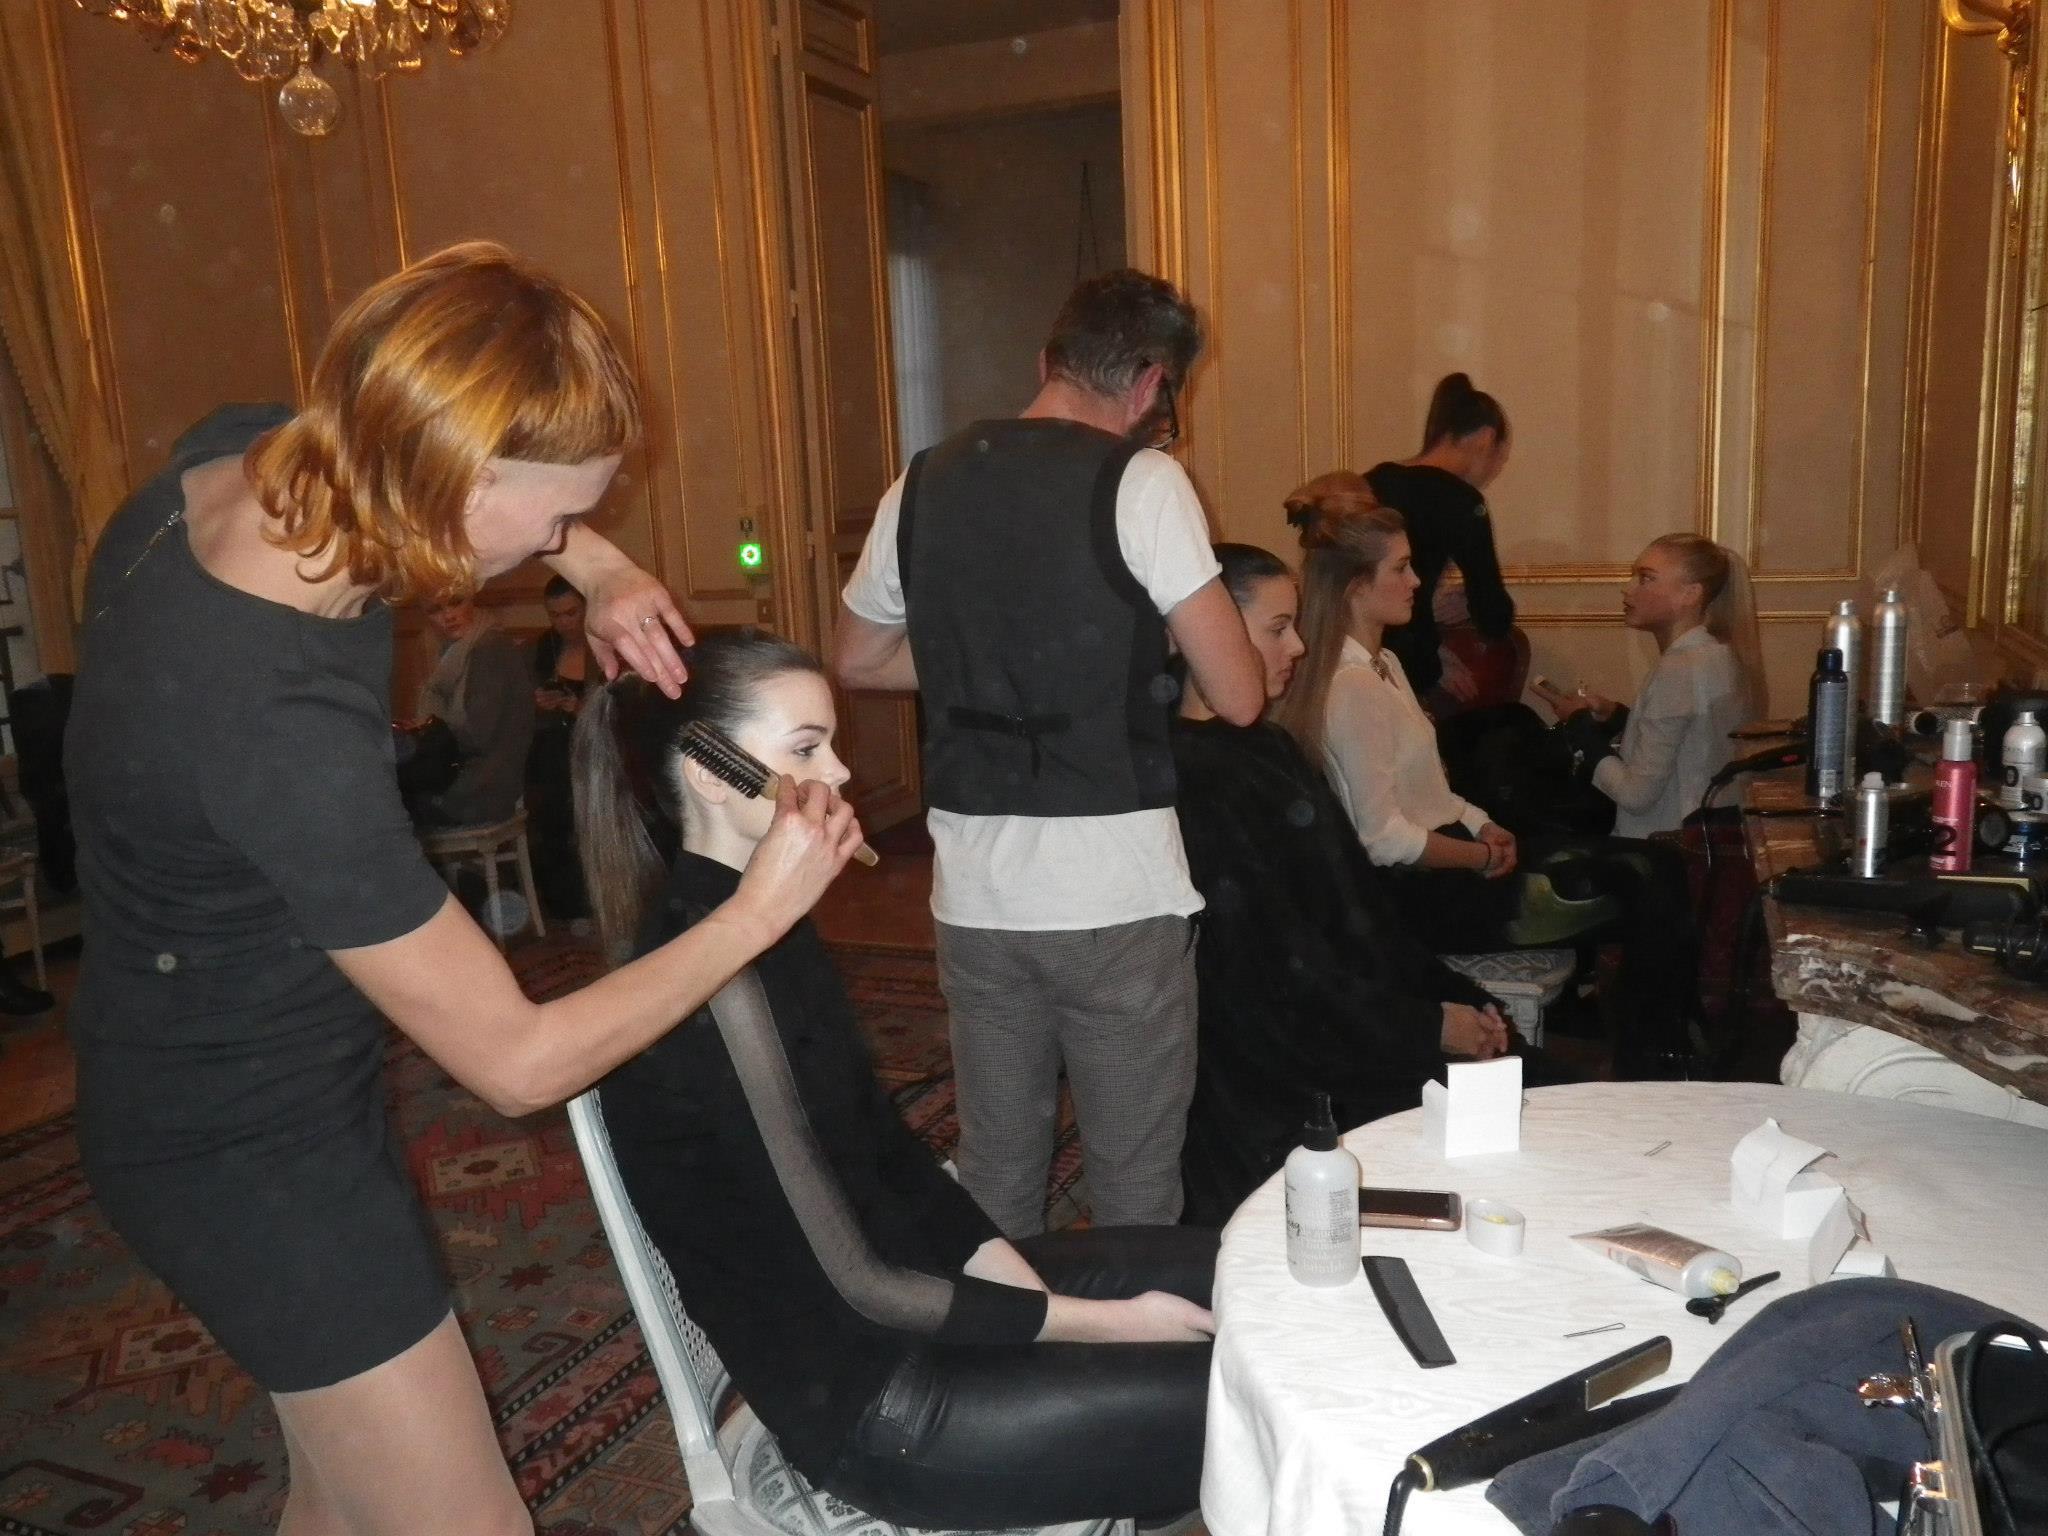 Rust clermont ferrand avis tarifs horaires t l phone for Salon de coiffure clermont ferrand